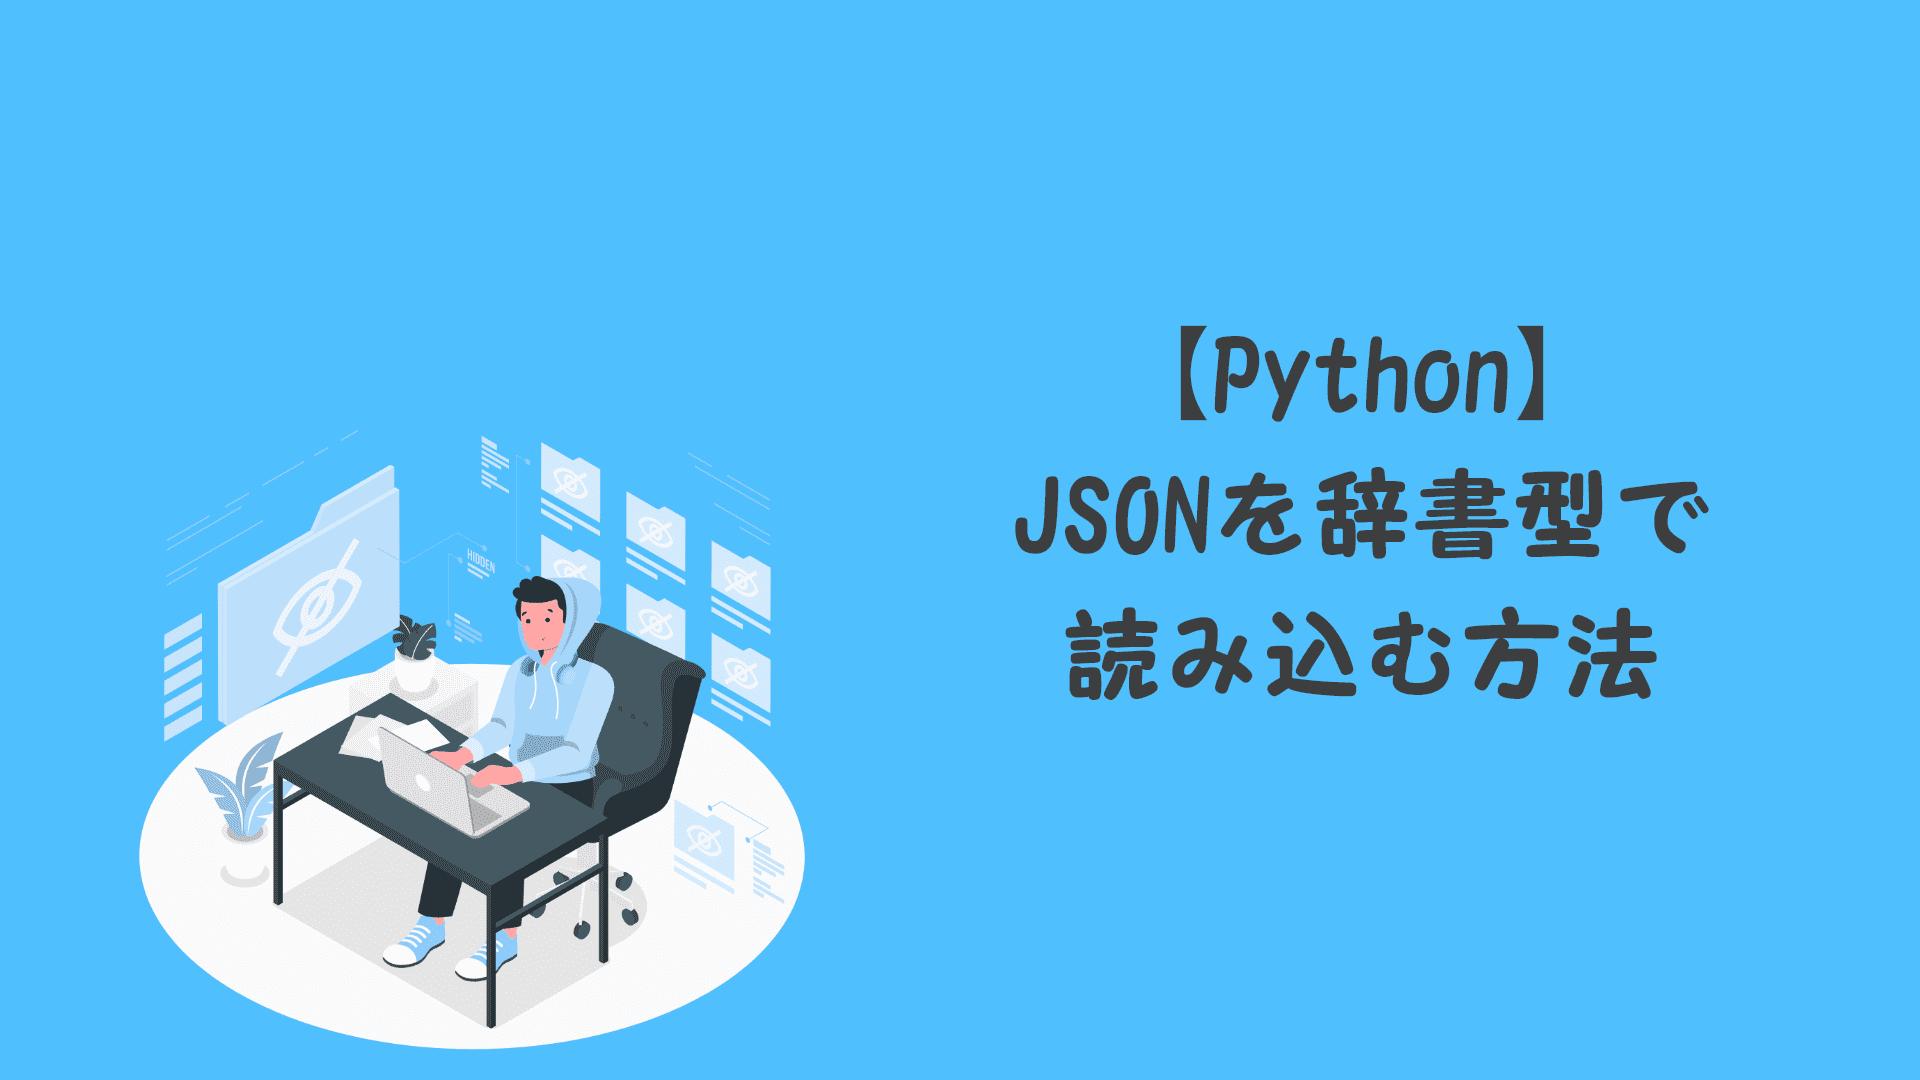 【Python】JSONを辞書型で読み込む方法